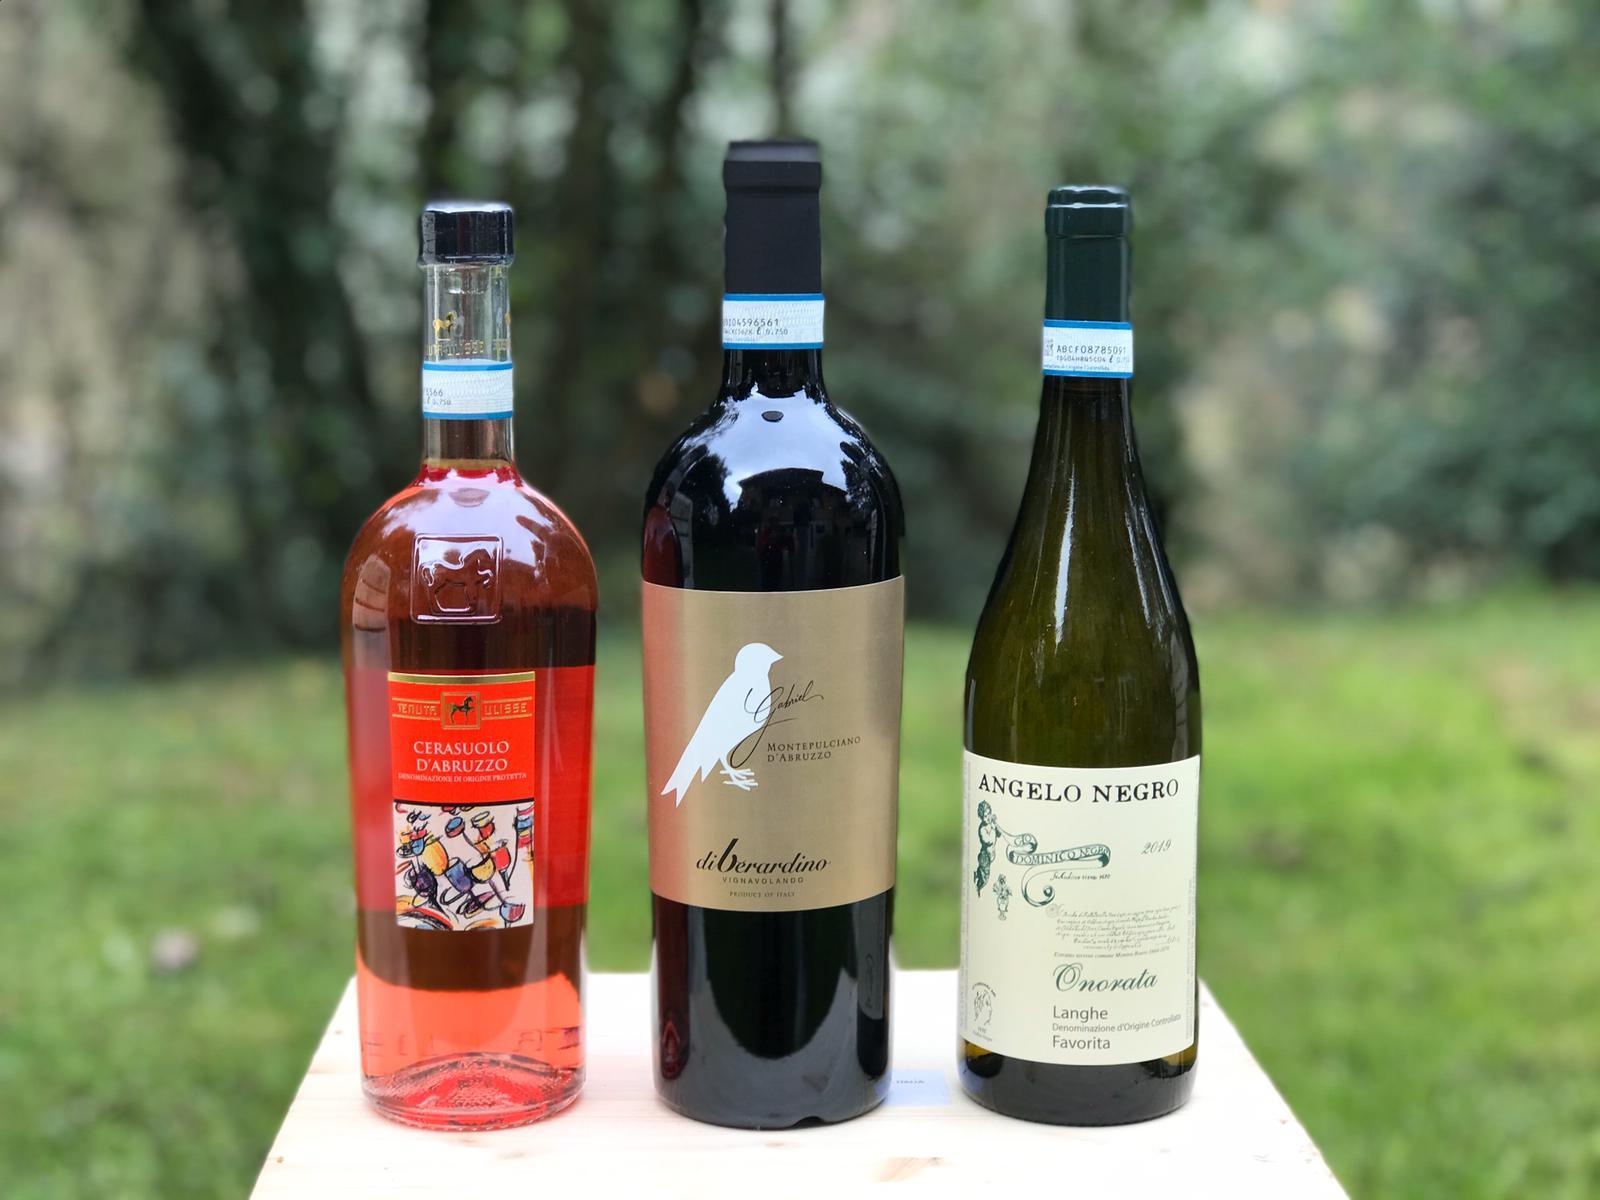 Perché le bottiglie di vino hanno colori diversi?